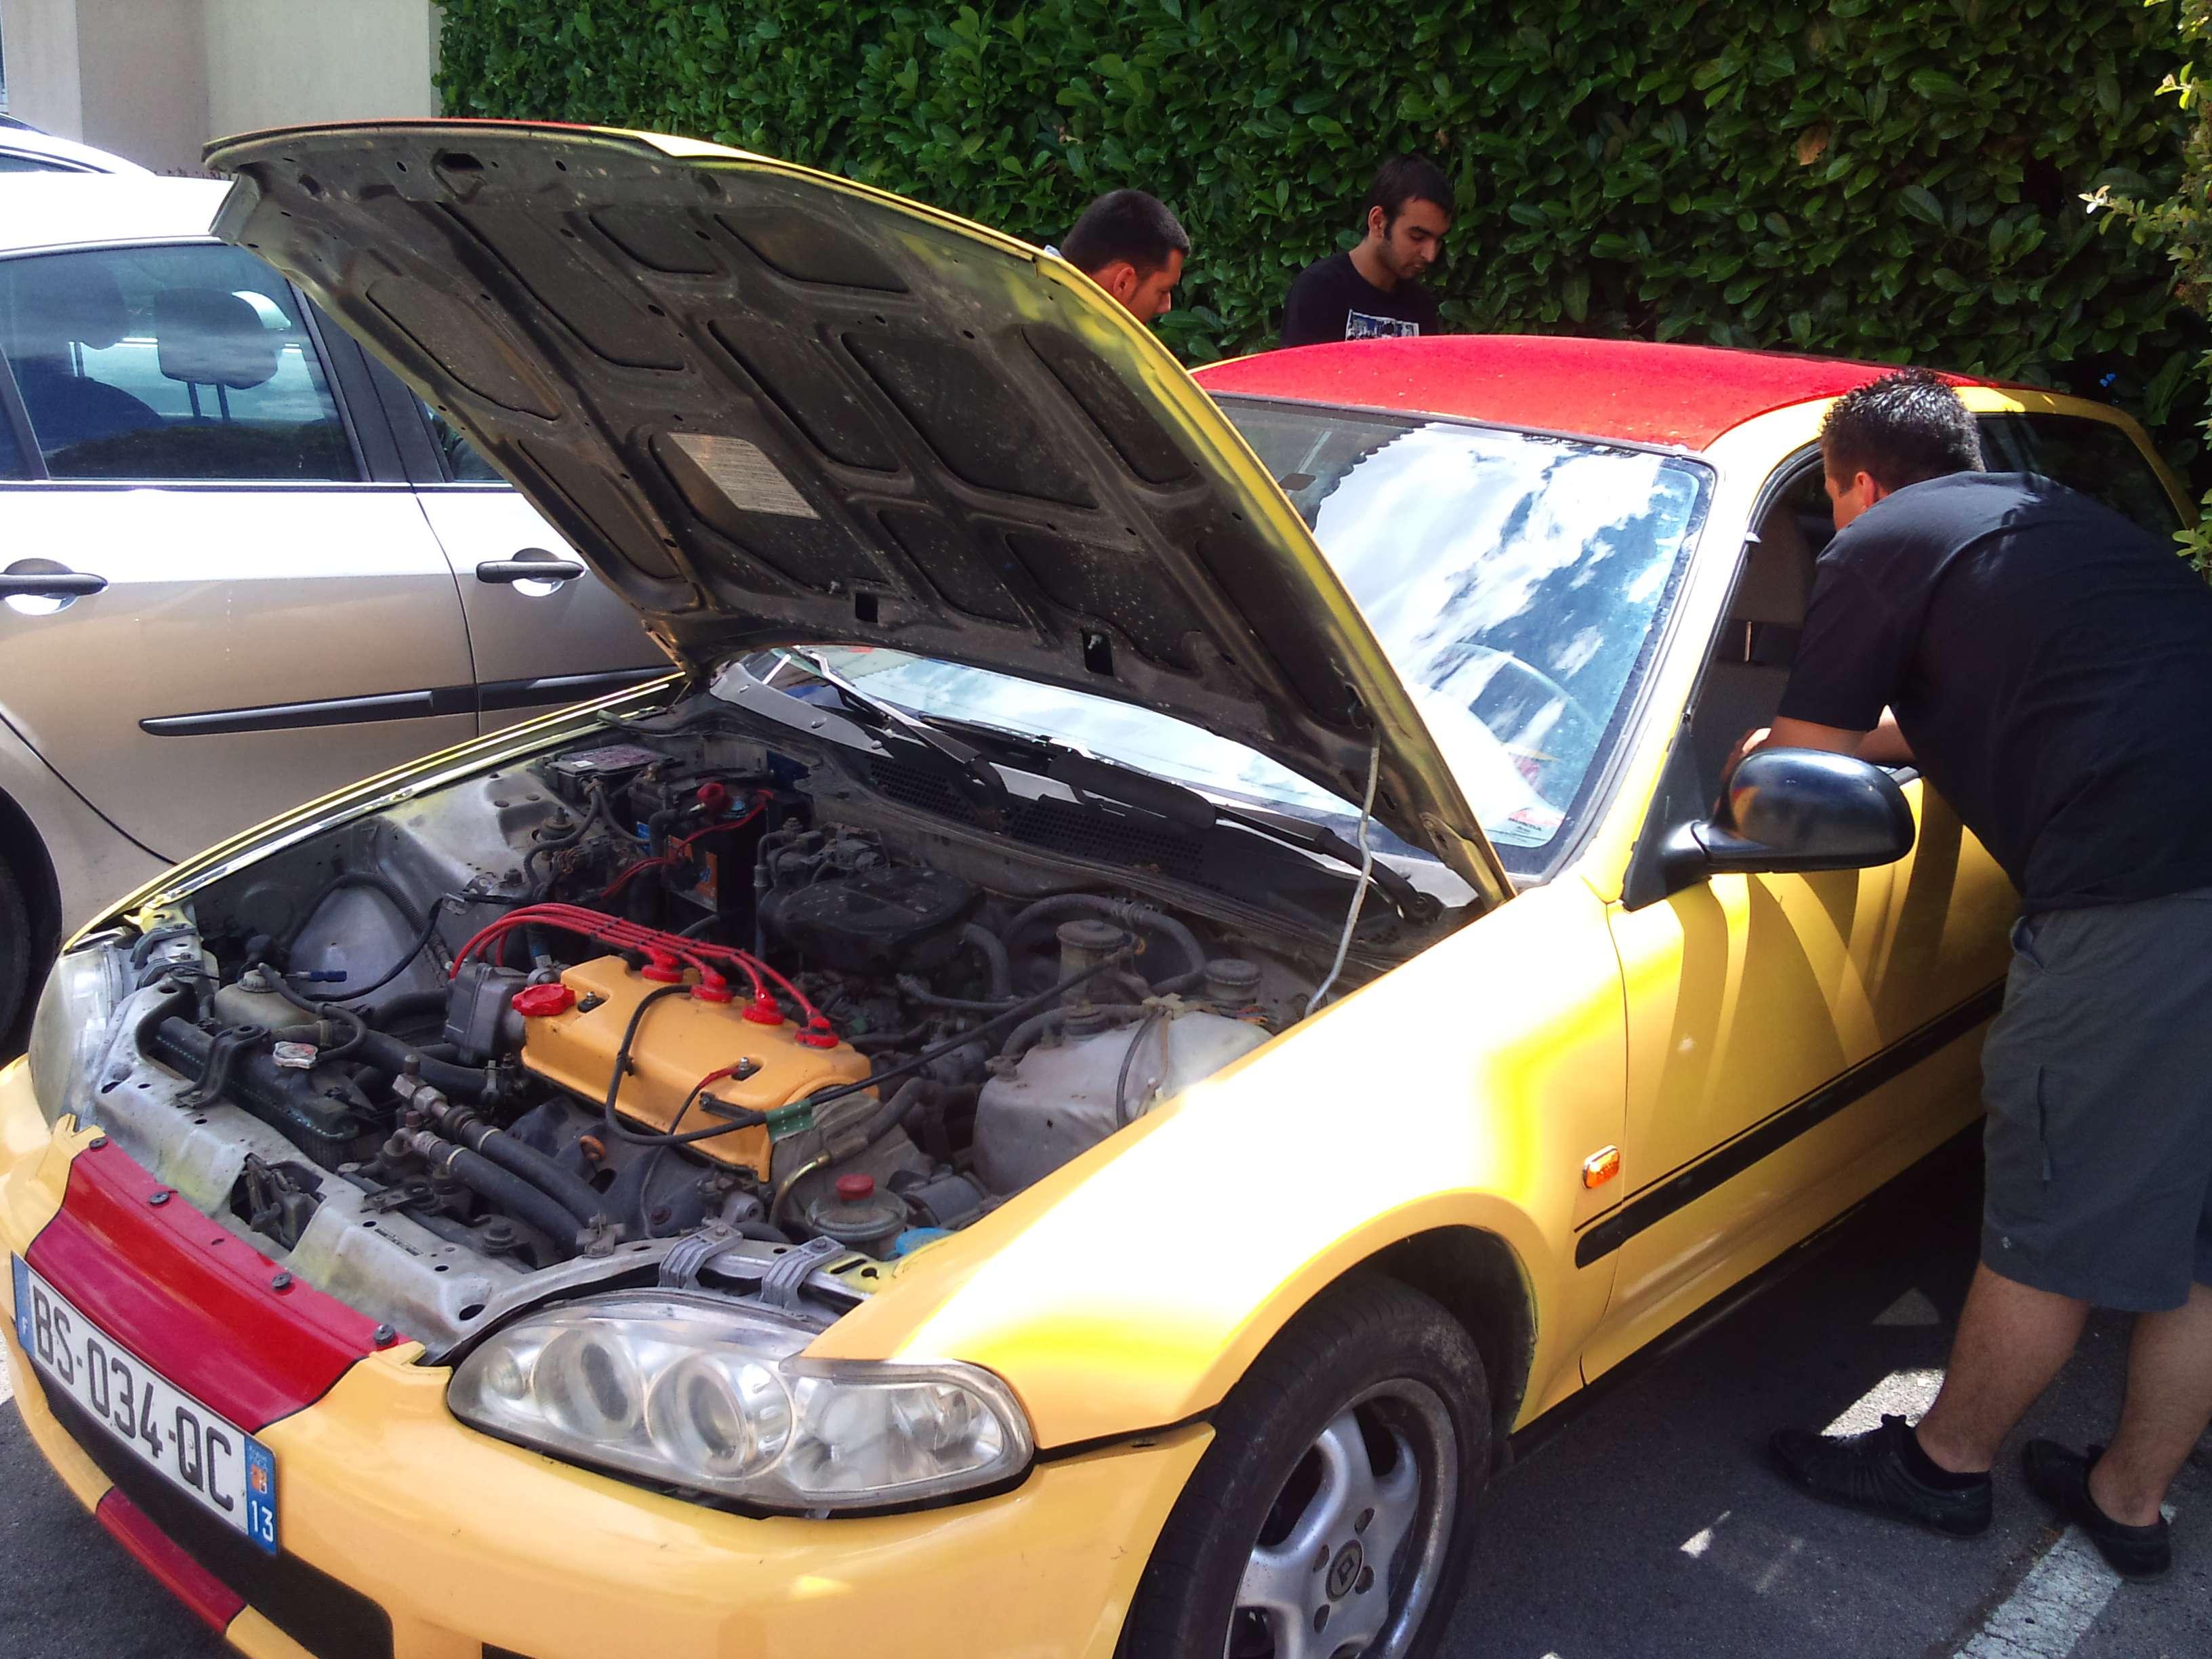 Civic Eg4 Swap Itr Jdm 96'] Salut à tous! - Integra-Type-R com